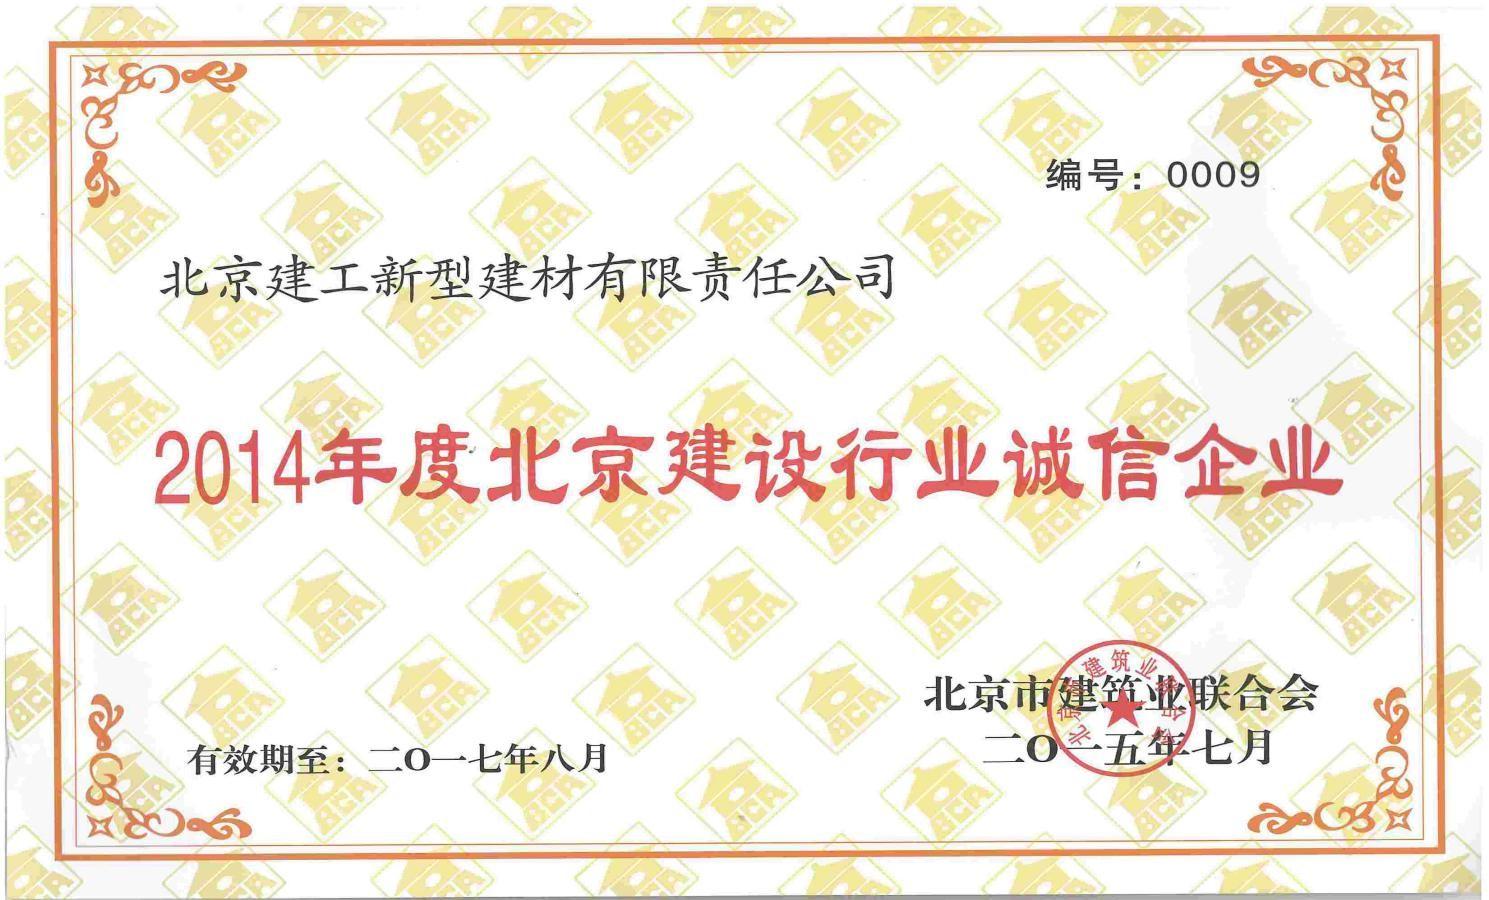 2014年度北京建设行业诚信企业